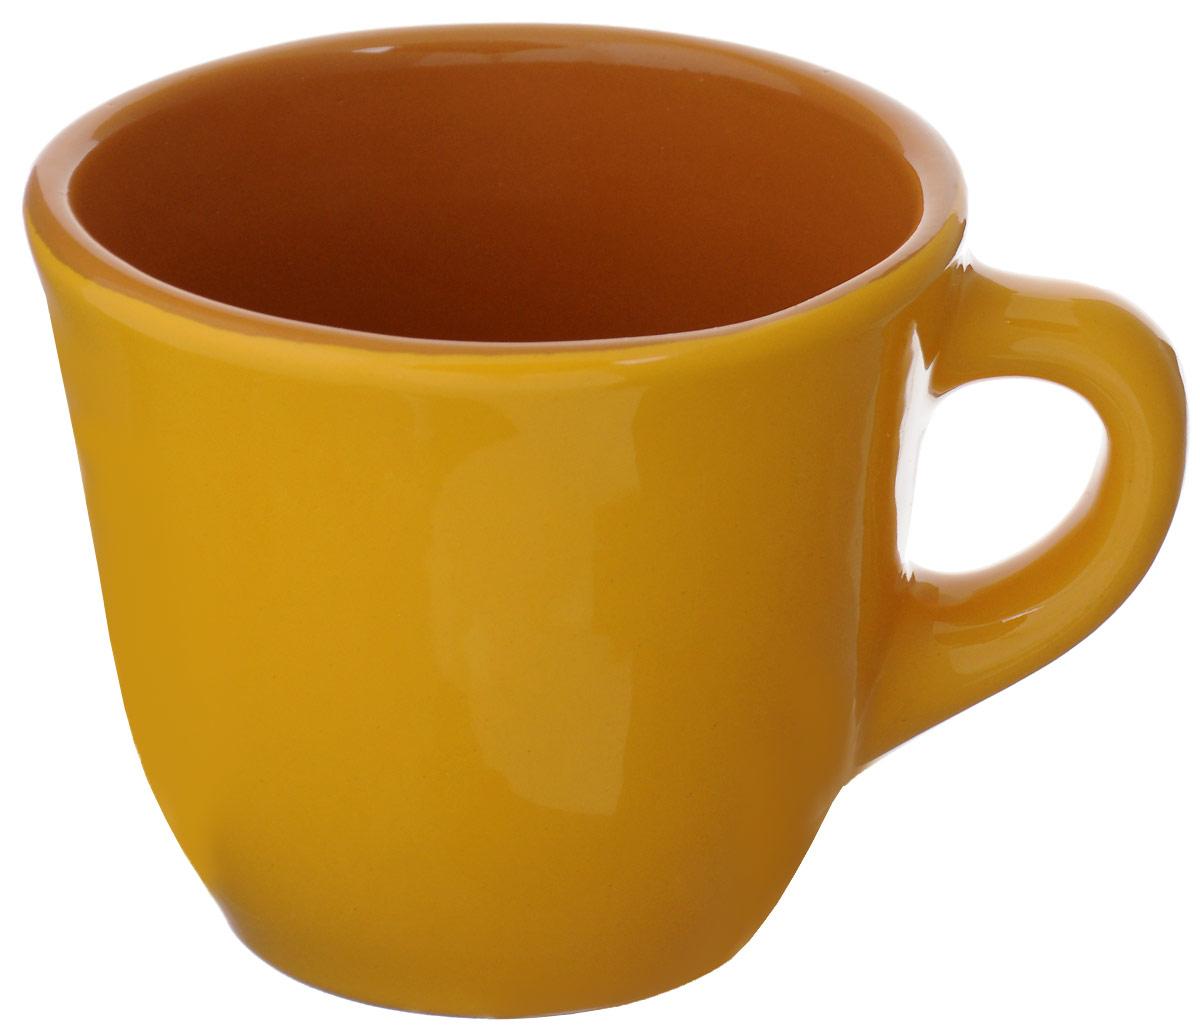 Чашка чайная Борисовская керамика Радуга, цвет: желтый, 300 мл чашка чайная борисовская керамика пион цвет оранжевый 300 мл